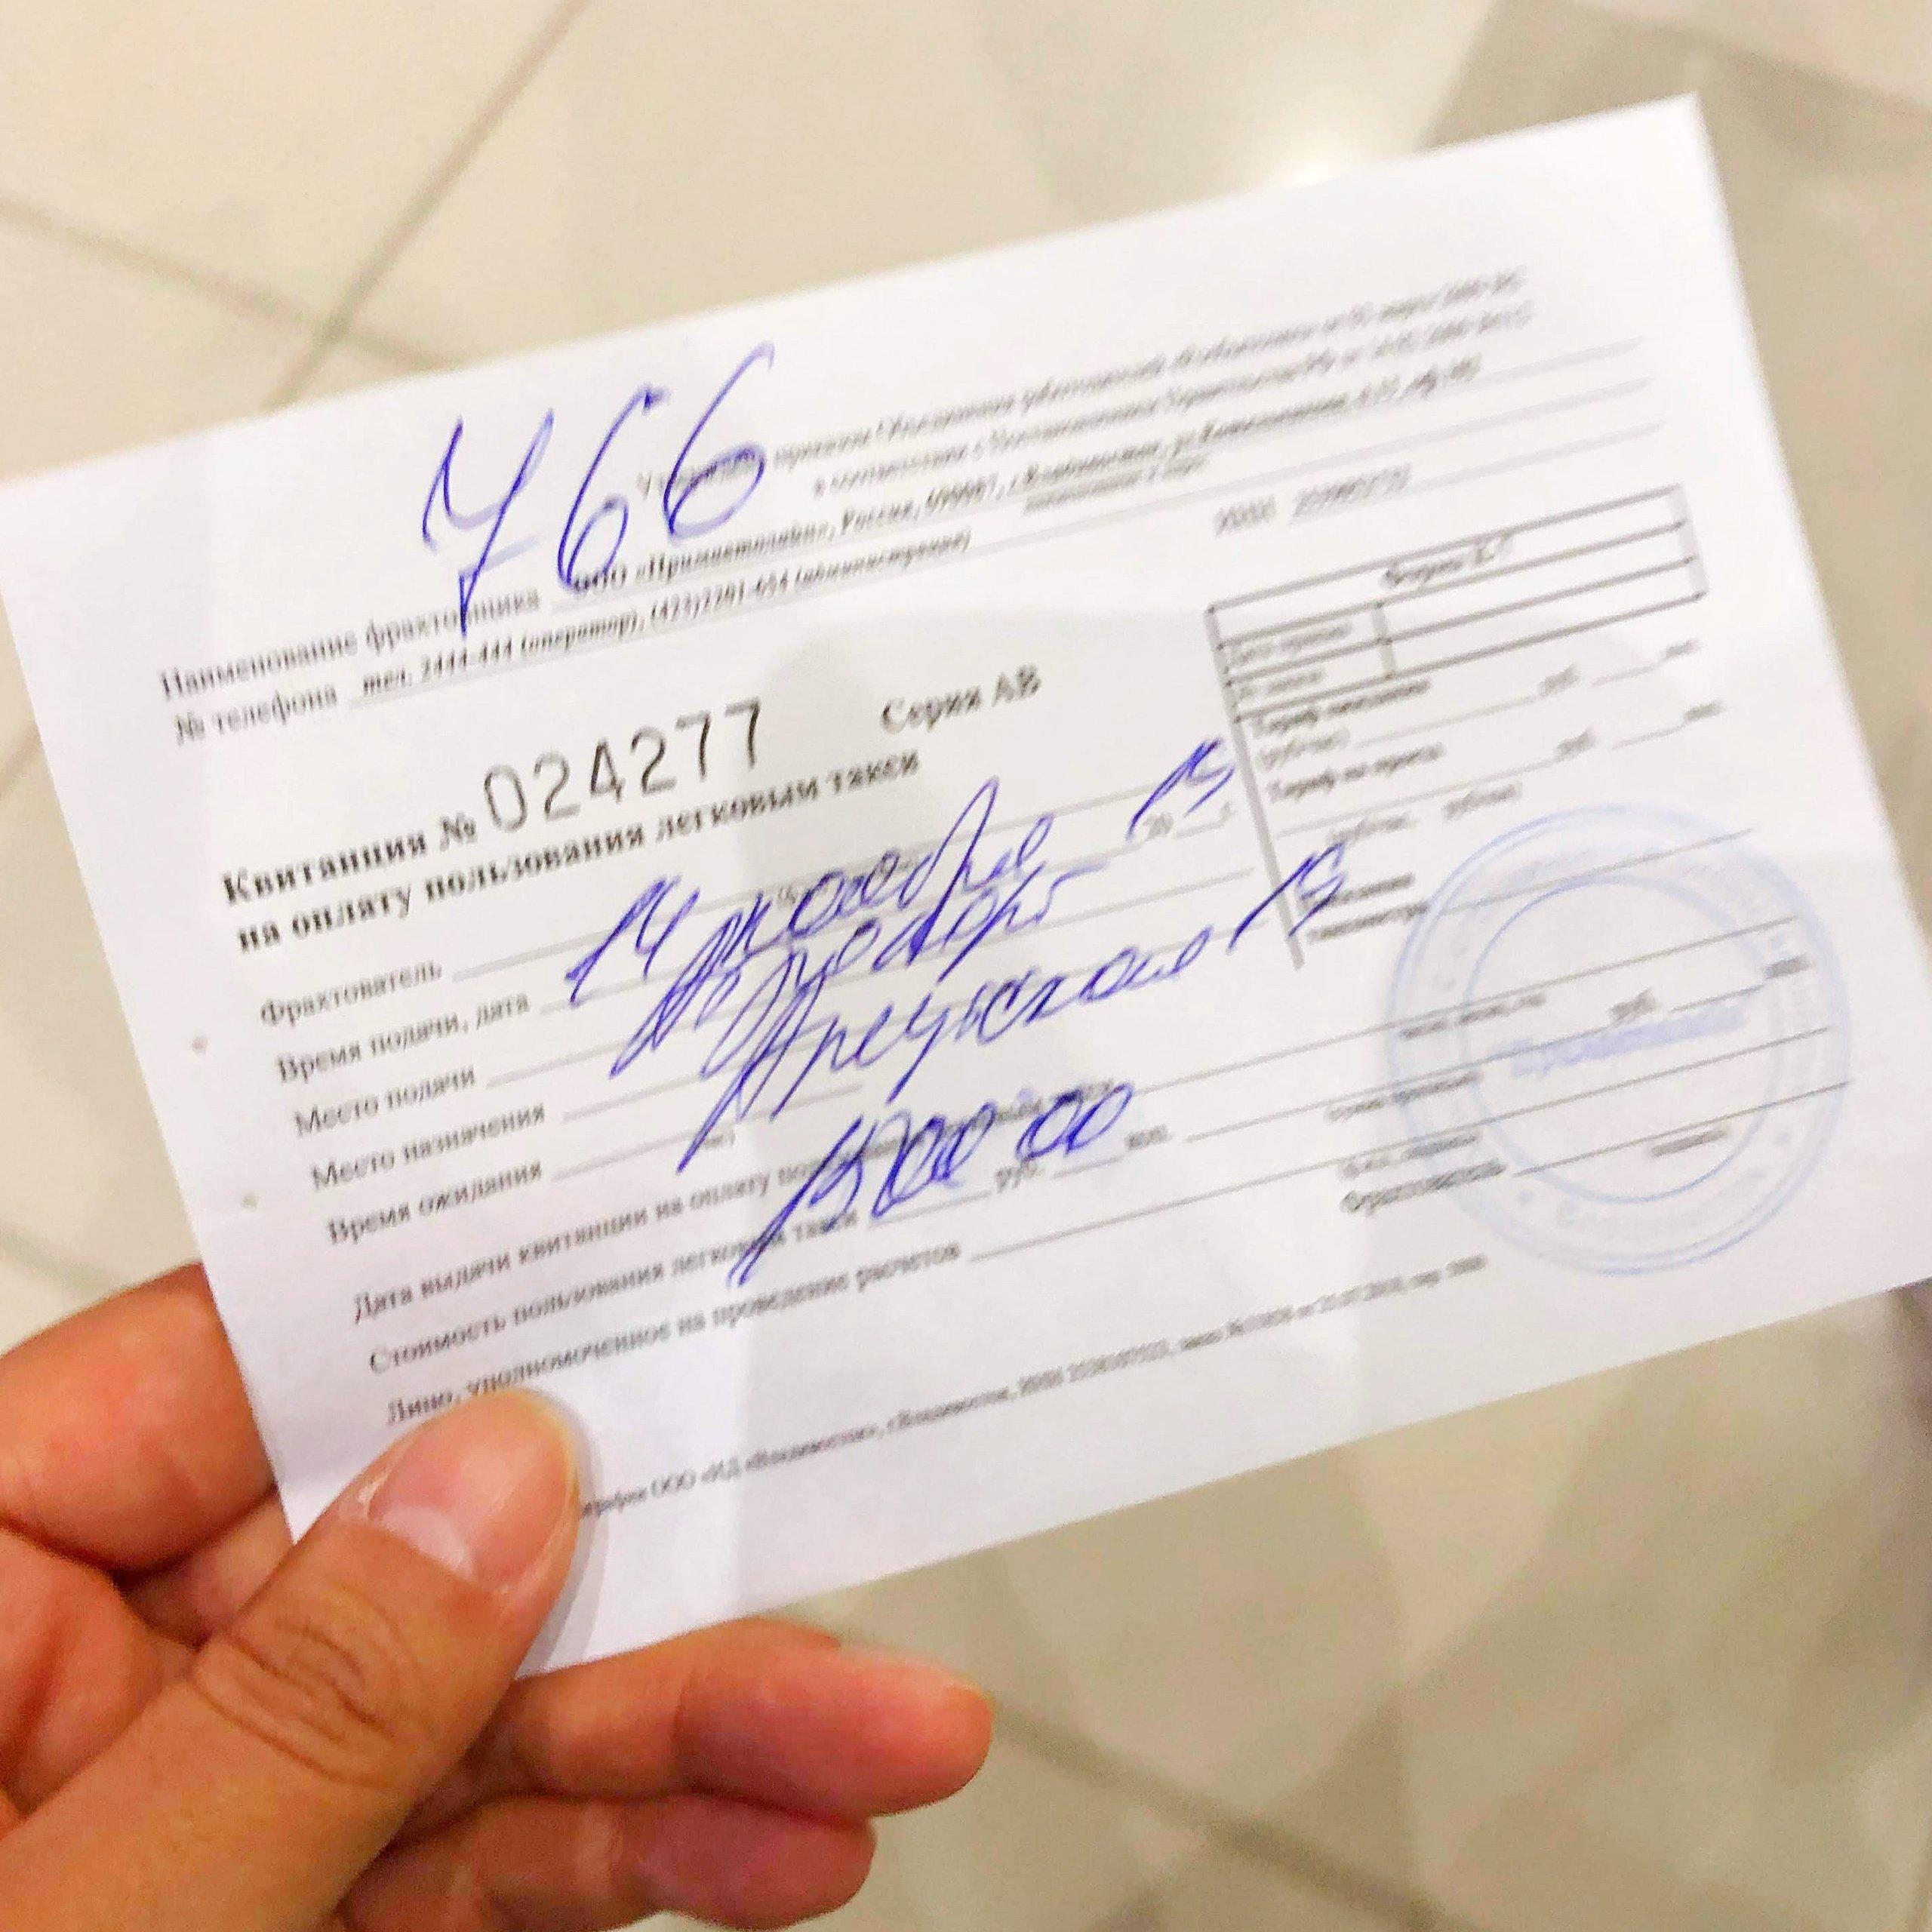 ウラジオストク空港で乗ったタクシーのチケット